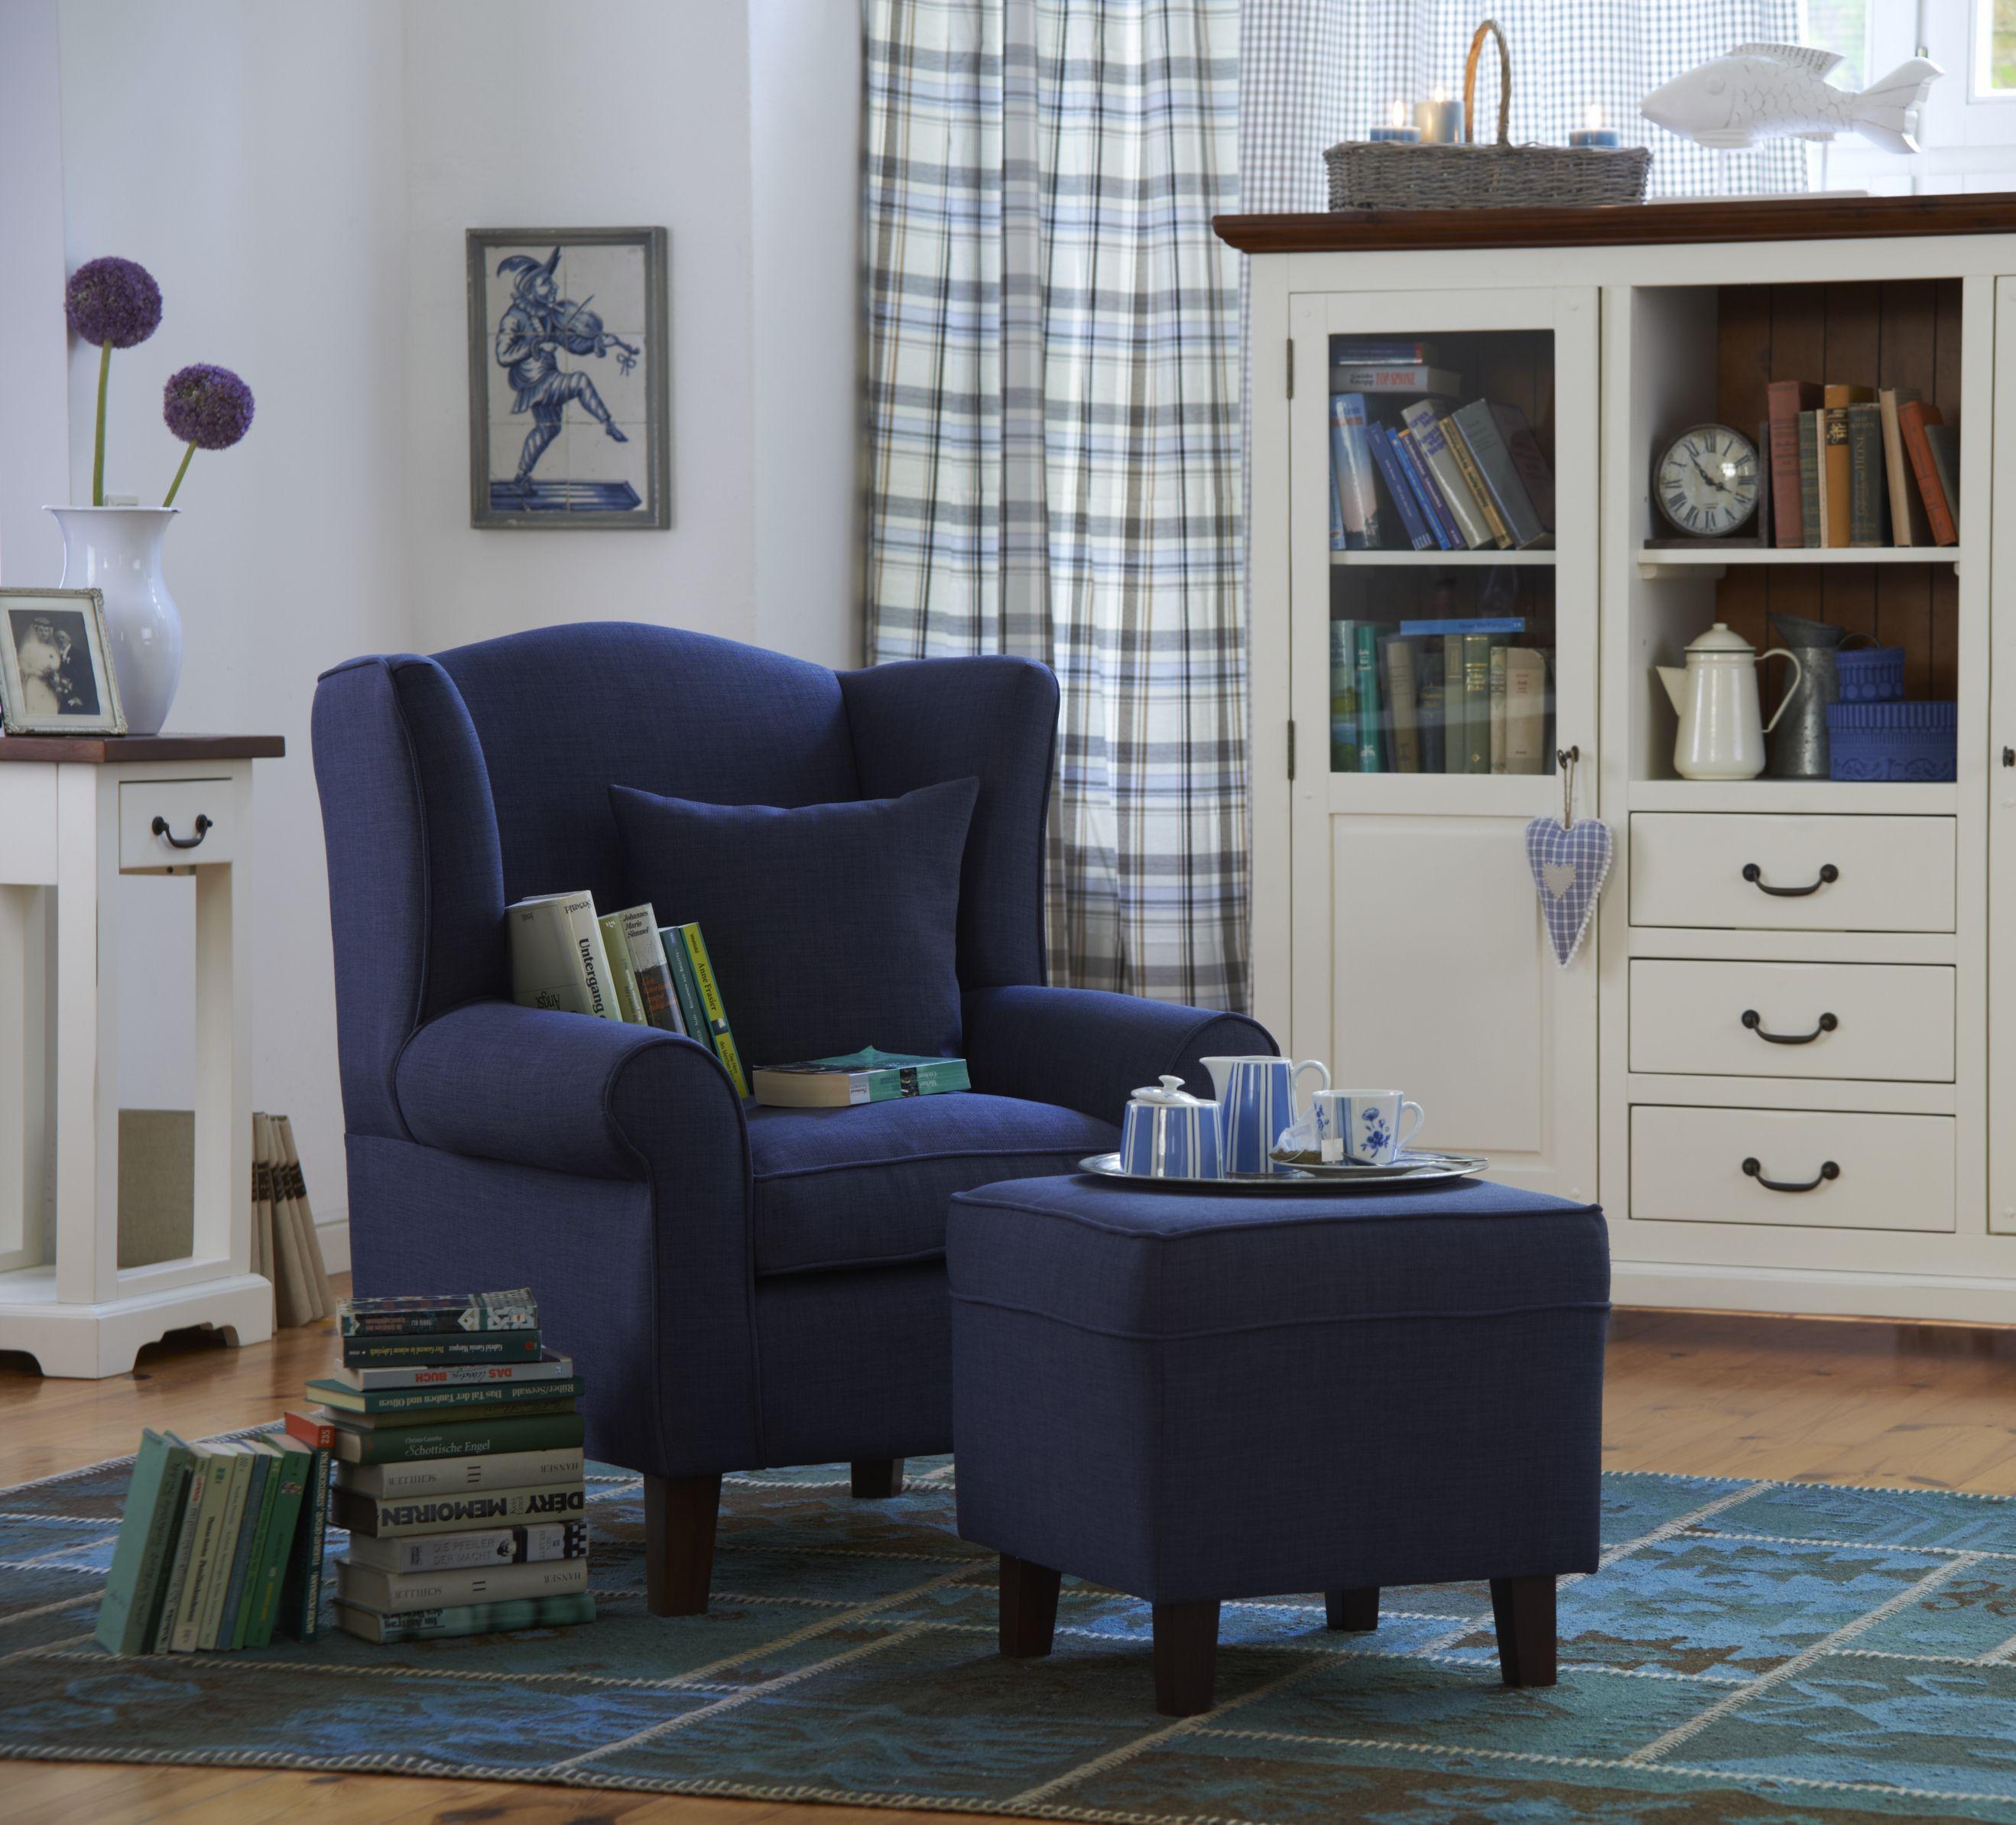 landhausstil auf skandinavisch | skandinavisch einrichten, Wohnzimmer dekoo